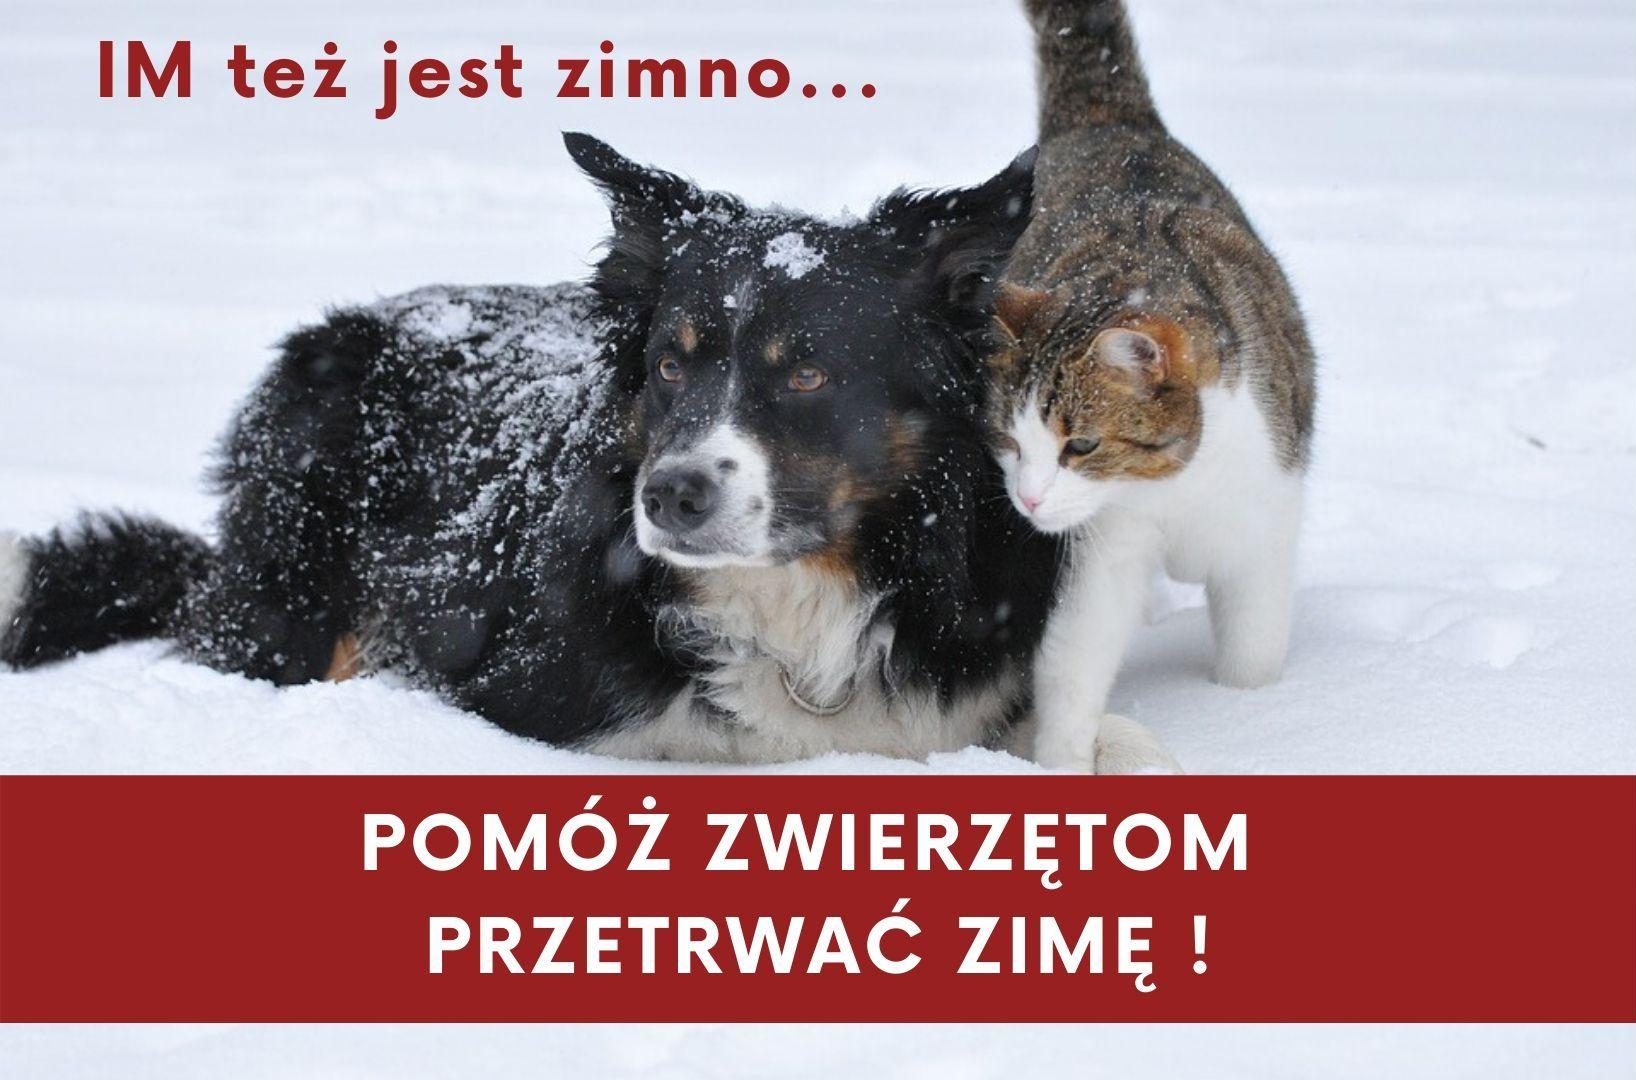 Zimowa pomc zwierzętom